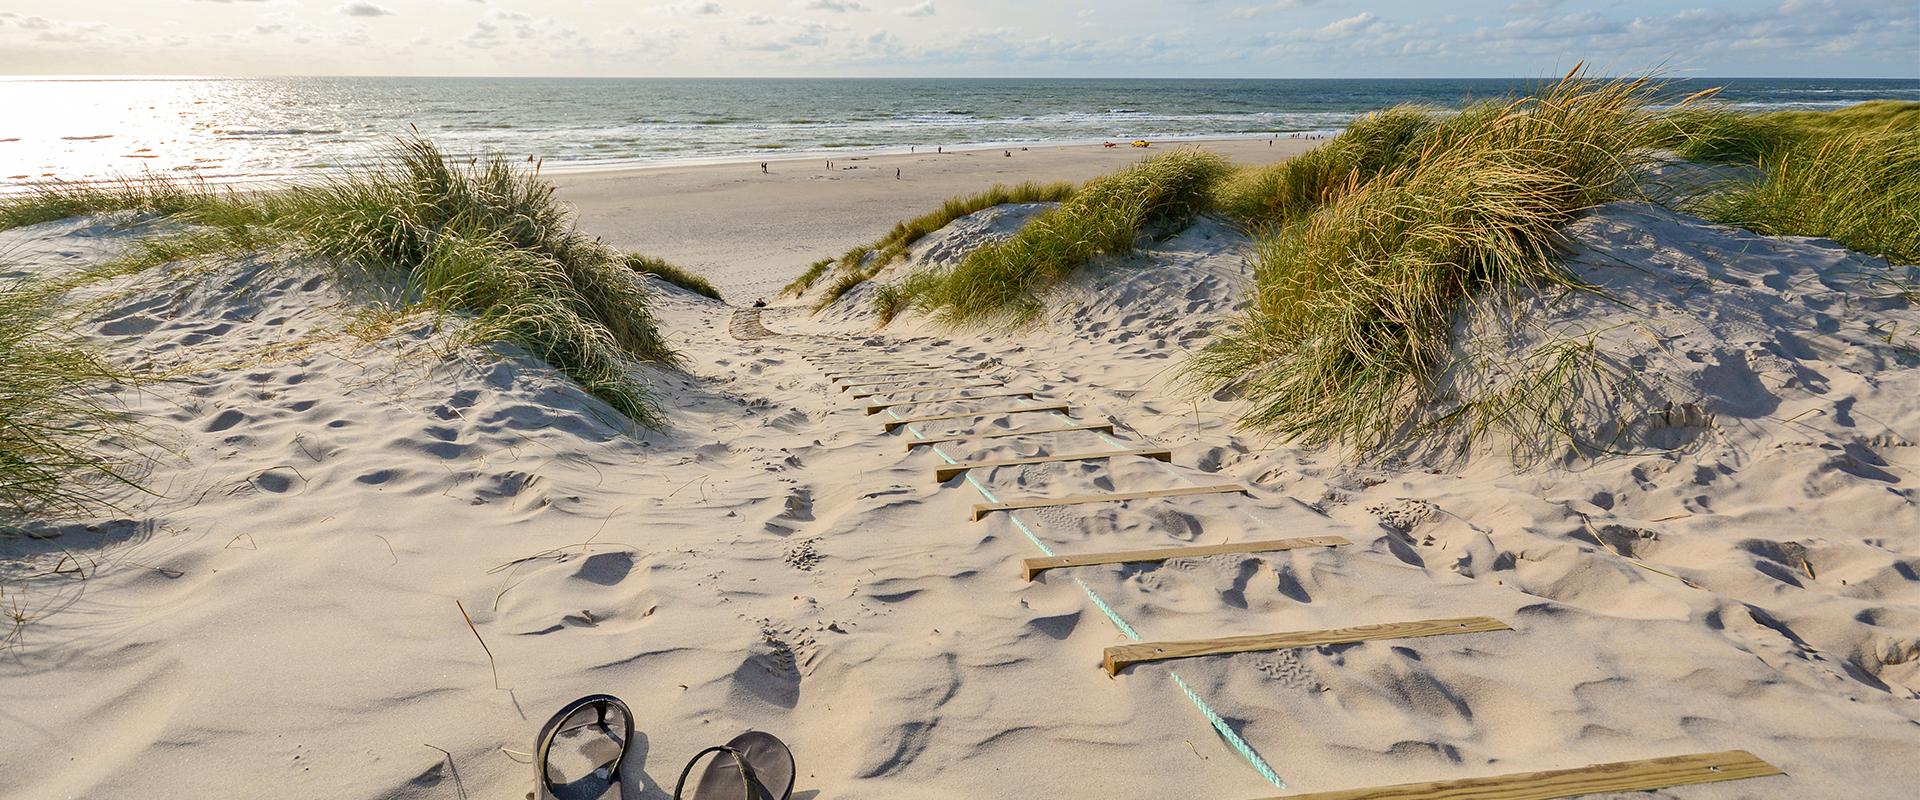 Dänemark Nordseeküste Karte.Die 22 Schönsten Urlaubsregionen In Dänemark Inkl Karte